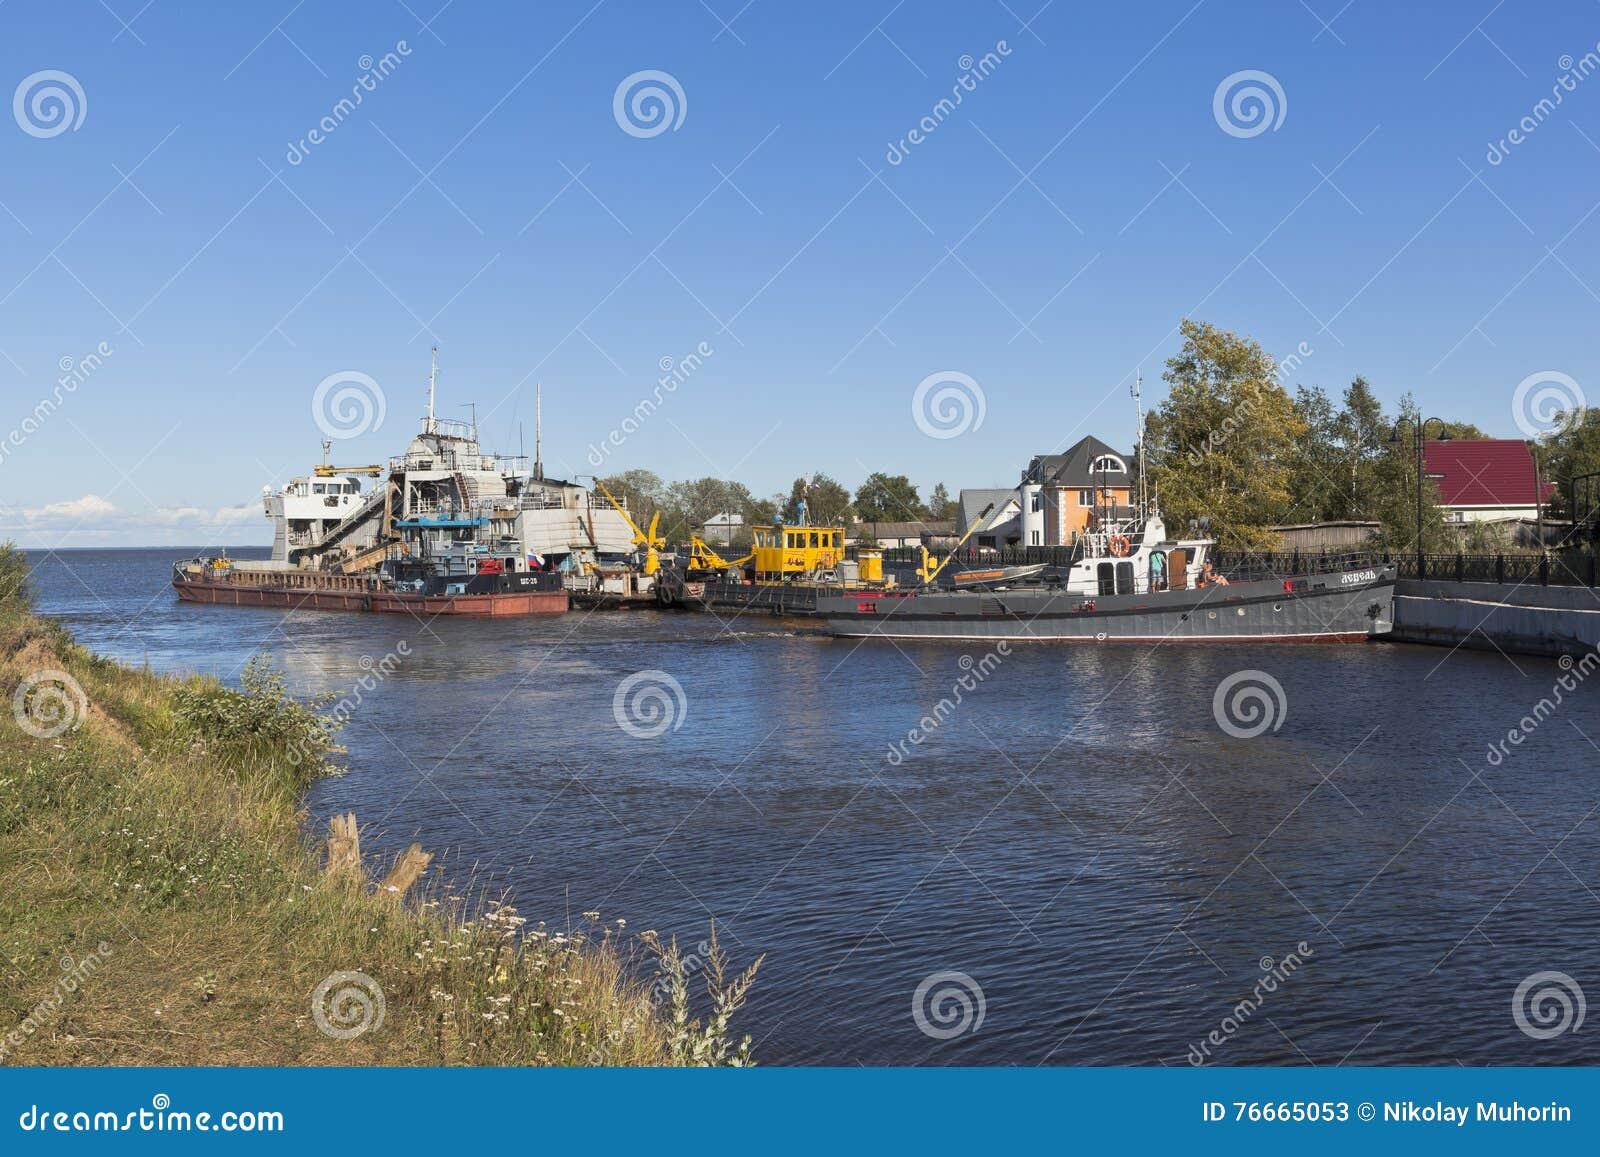 De schepen technische vloot bij de ingang aan Belozersky mijden kanaal van het Witte Meer dichtbij de stad van Belozersk Vologda